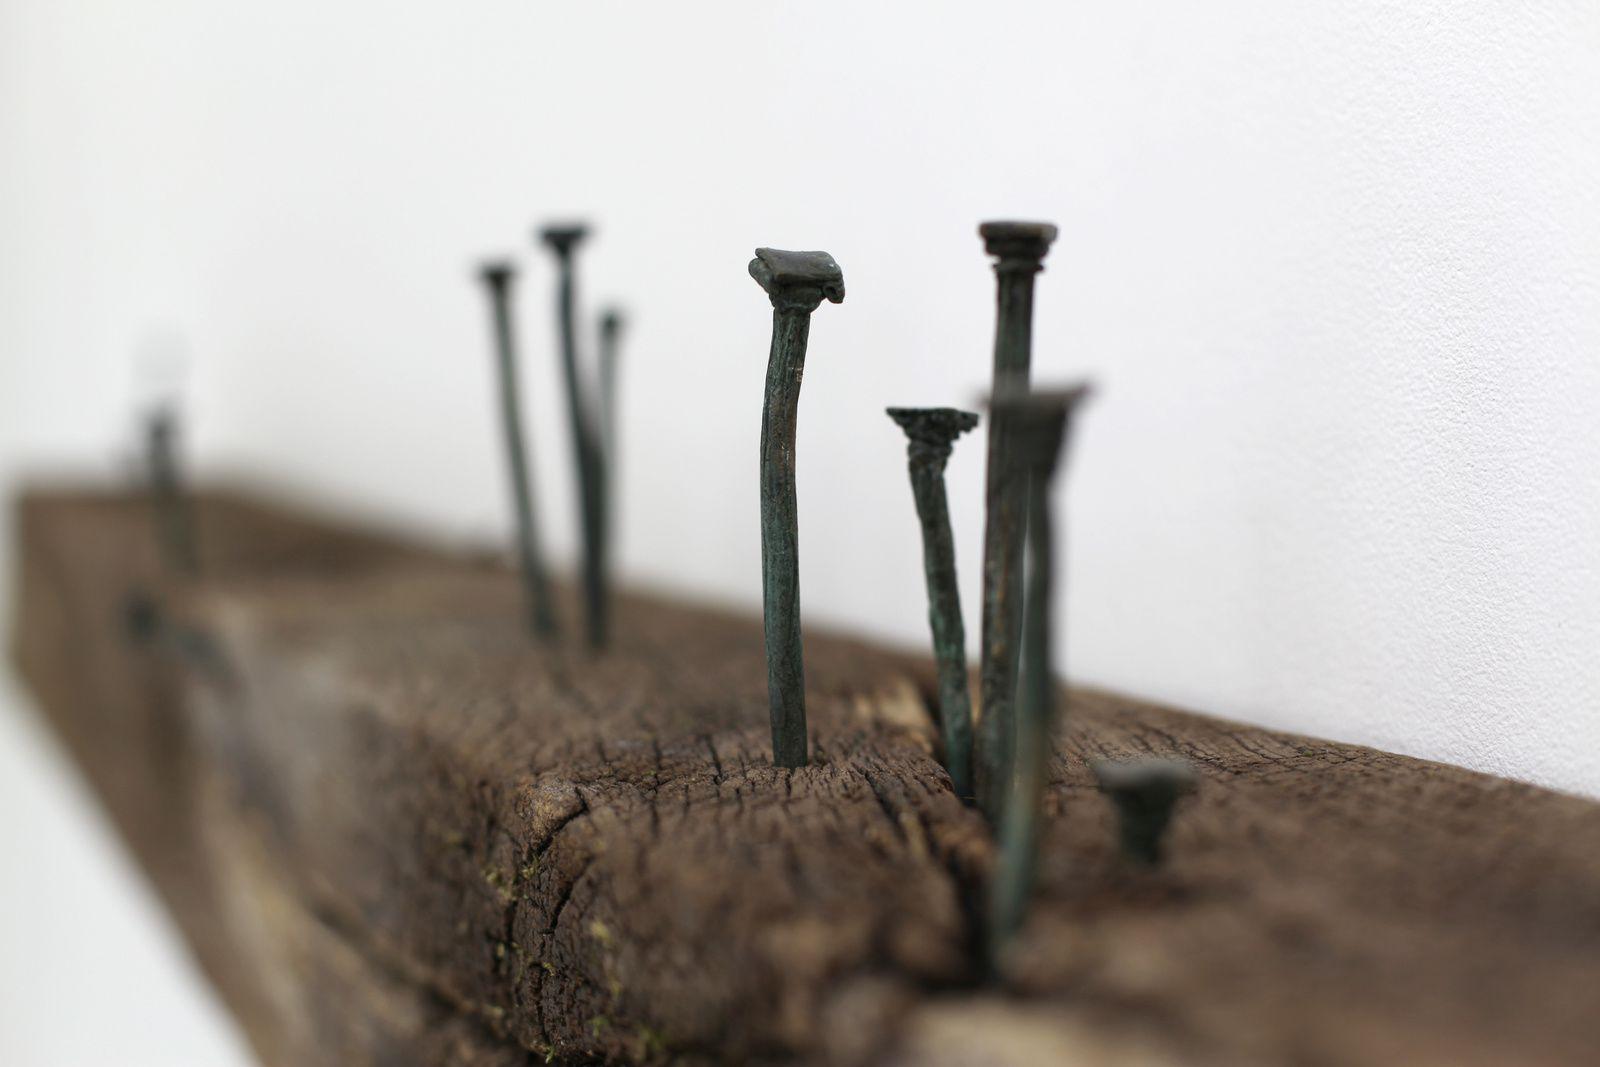 """Détail """"Fondations"""", 2017 de Céline CLÉRON - Courtesy Galerie Claudine Papillon © Photo Éric Simon"""